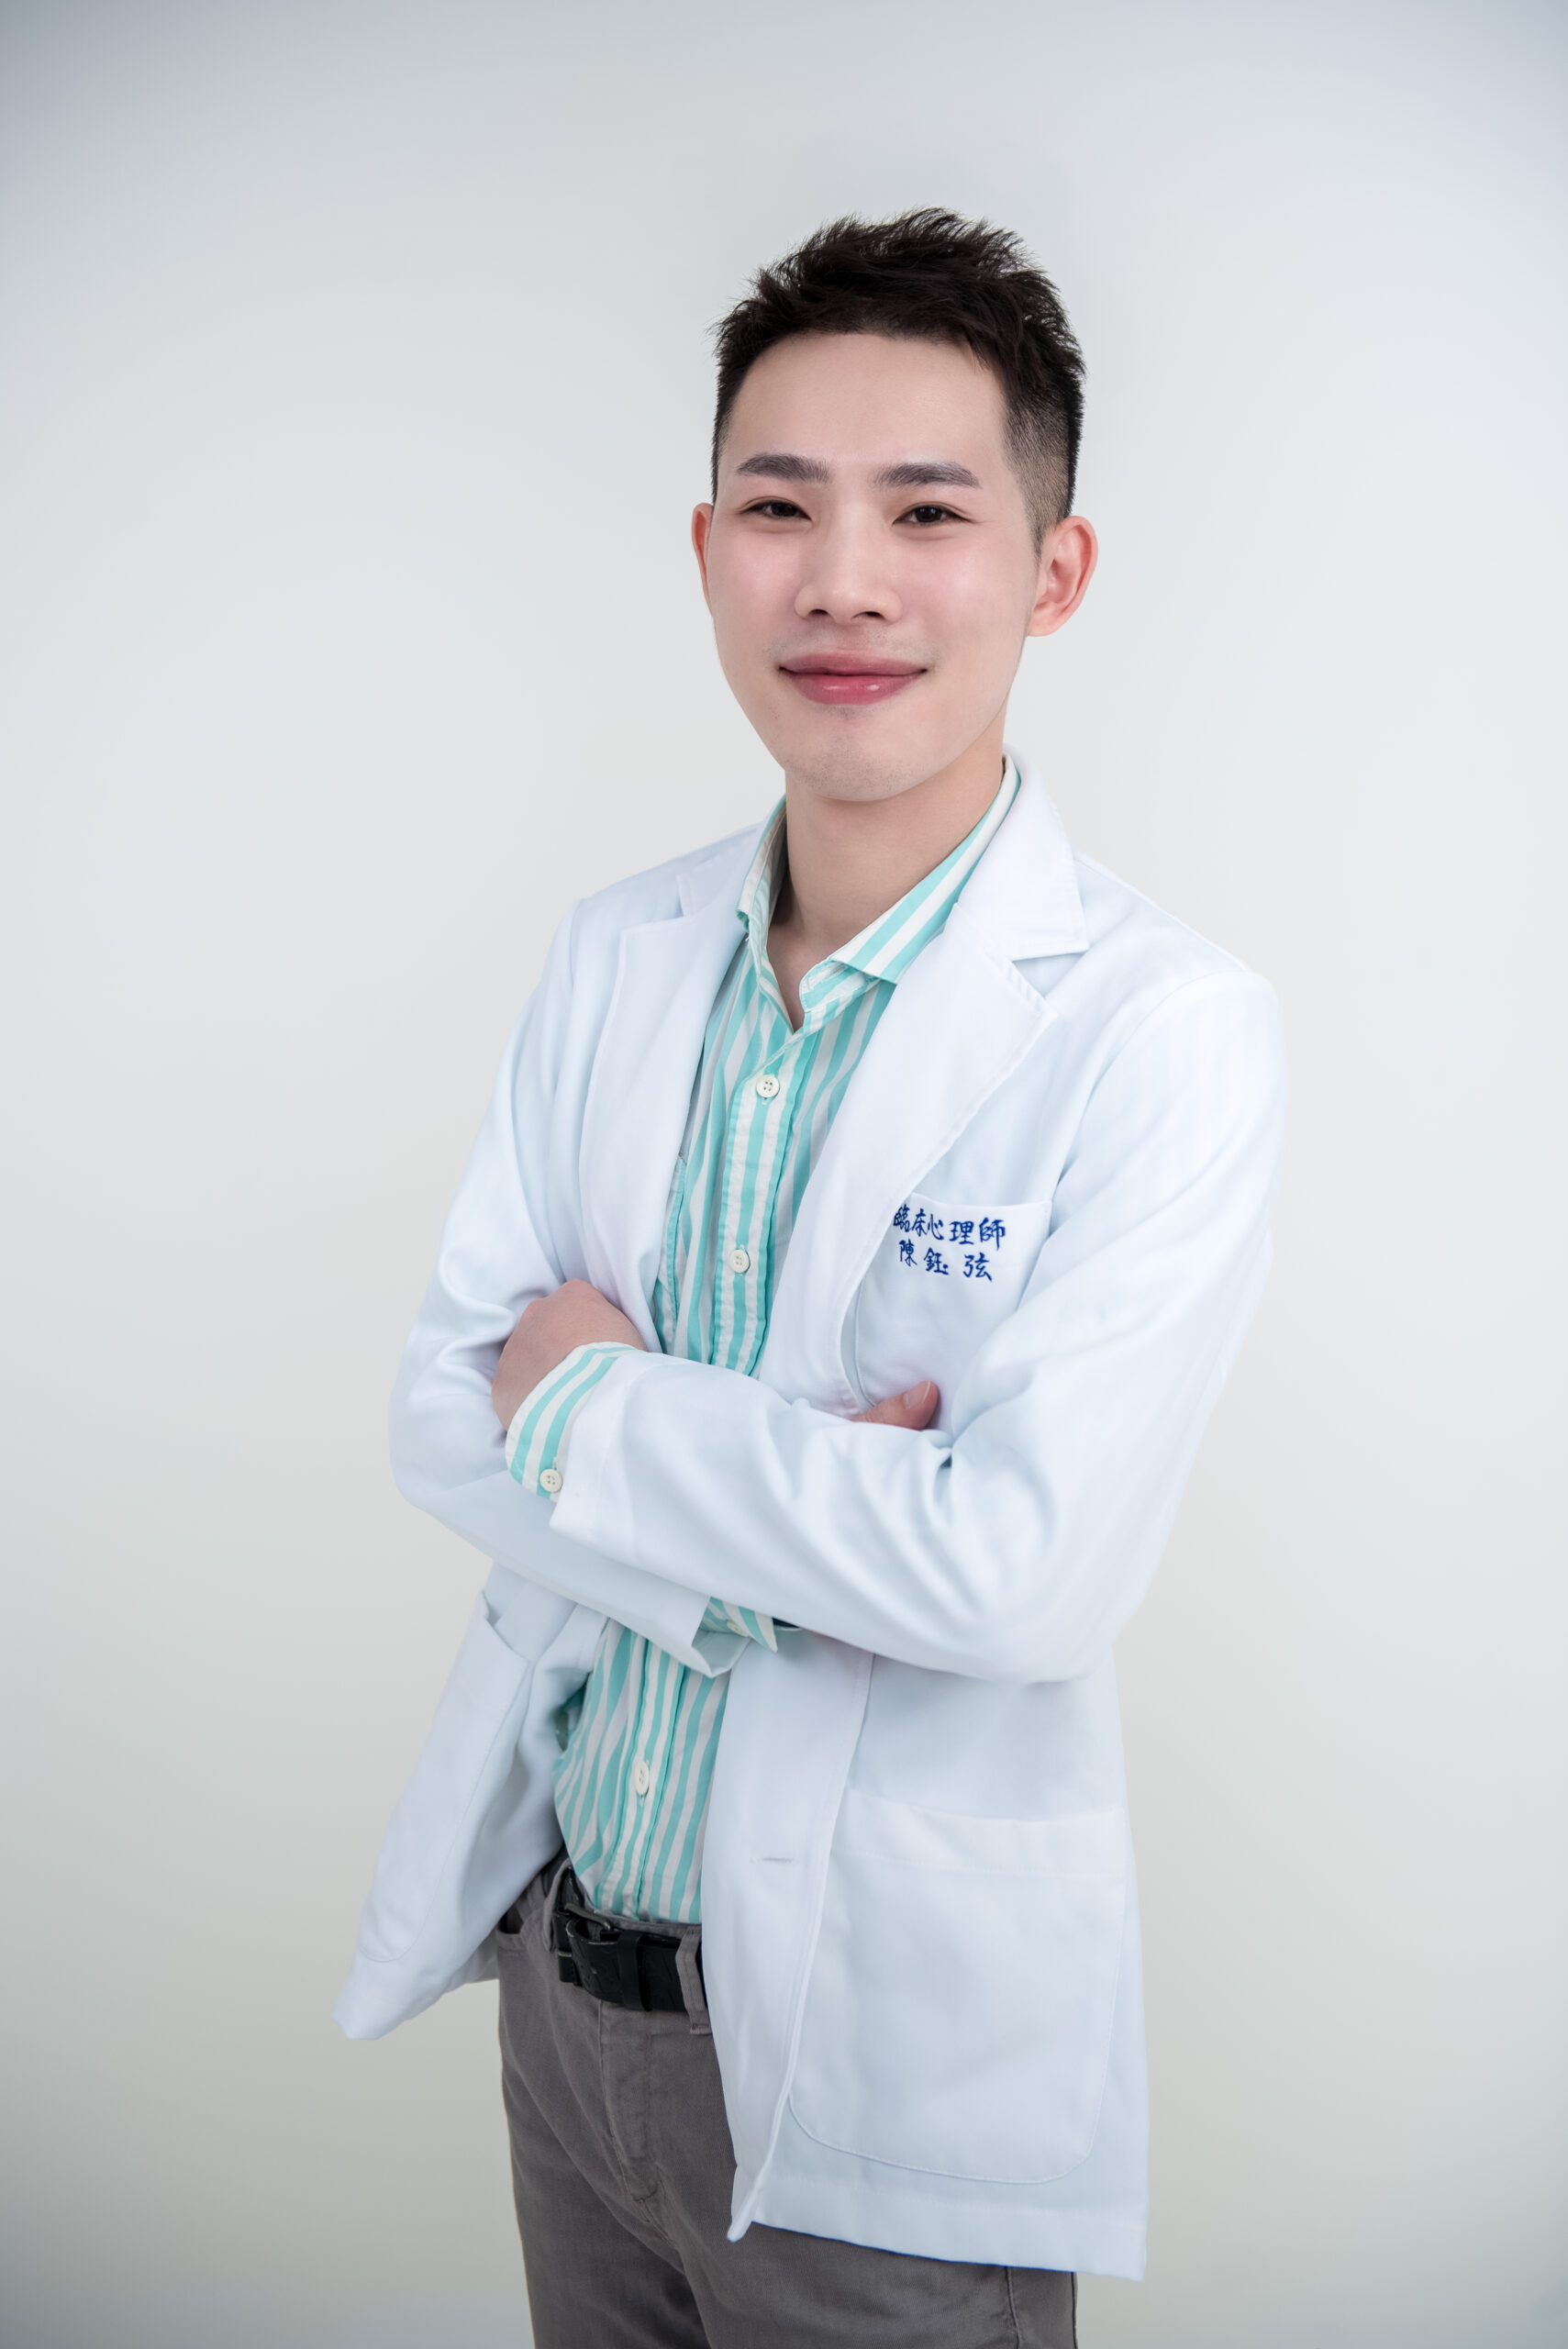 陳鈺弦 臨床心理師